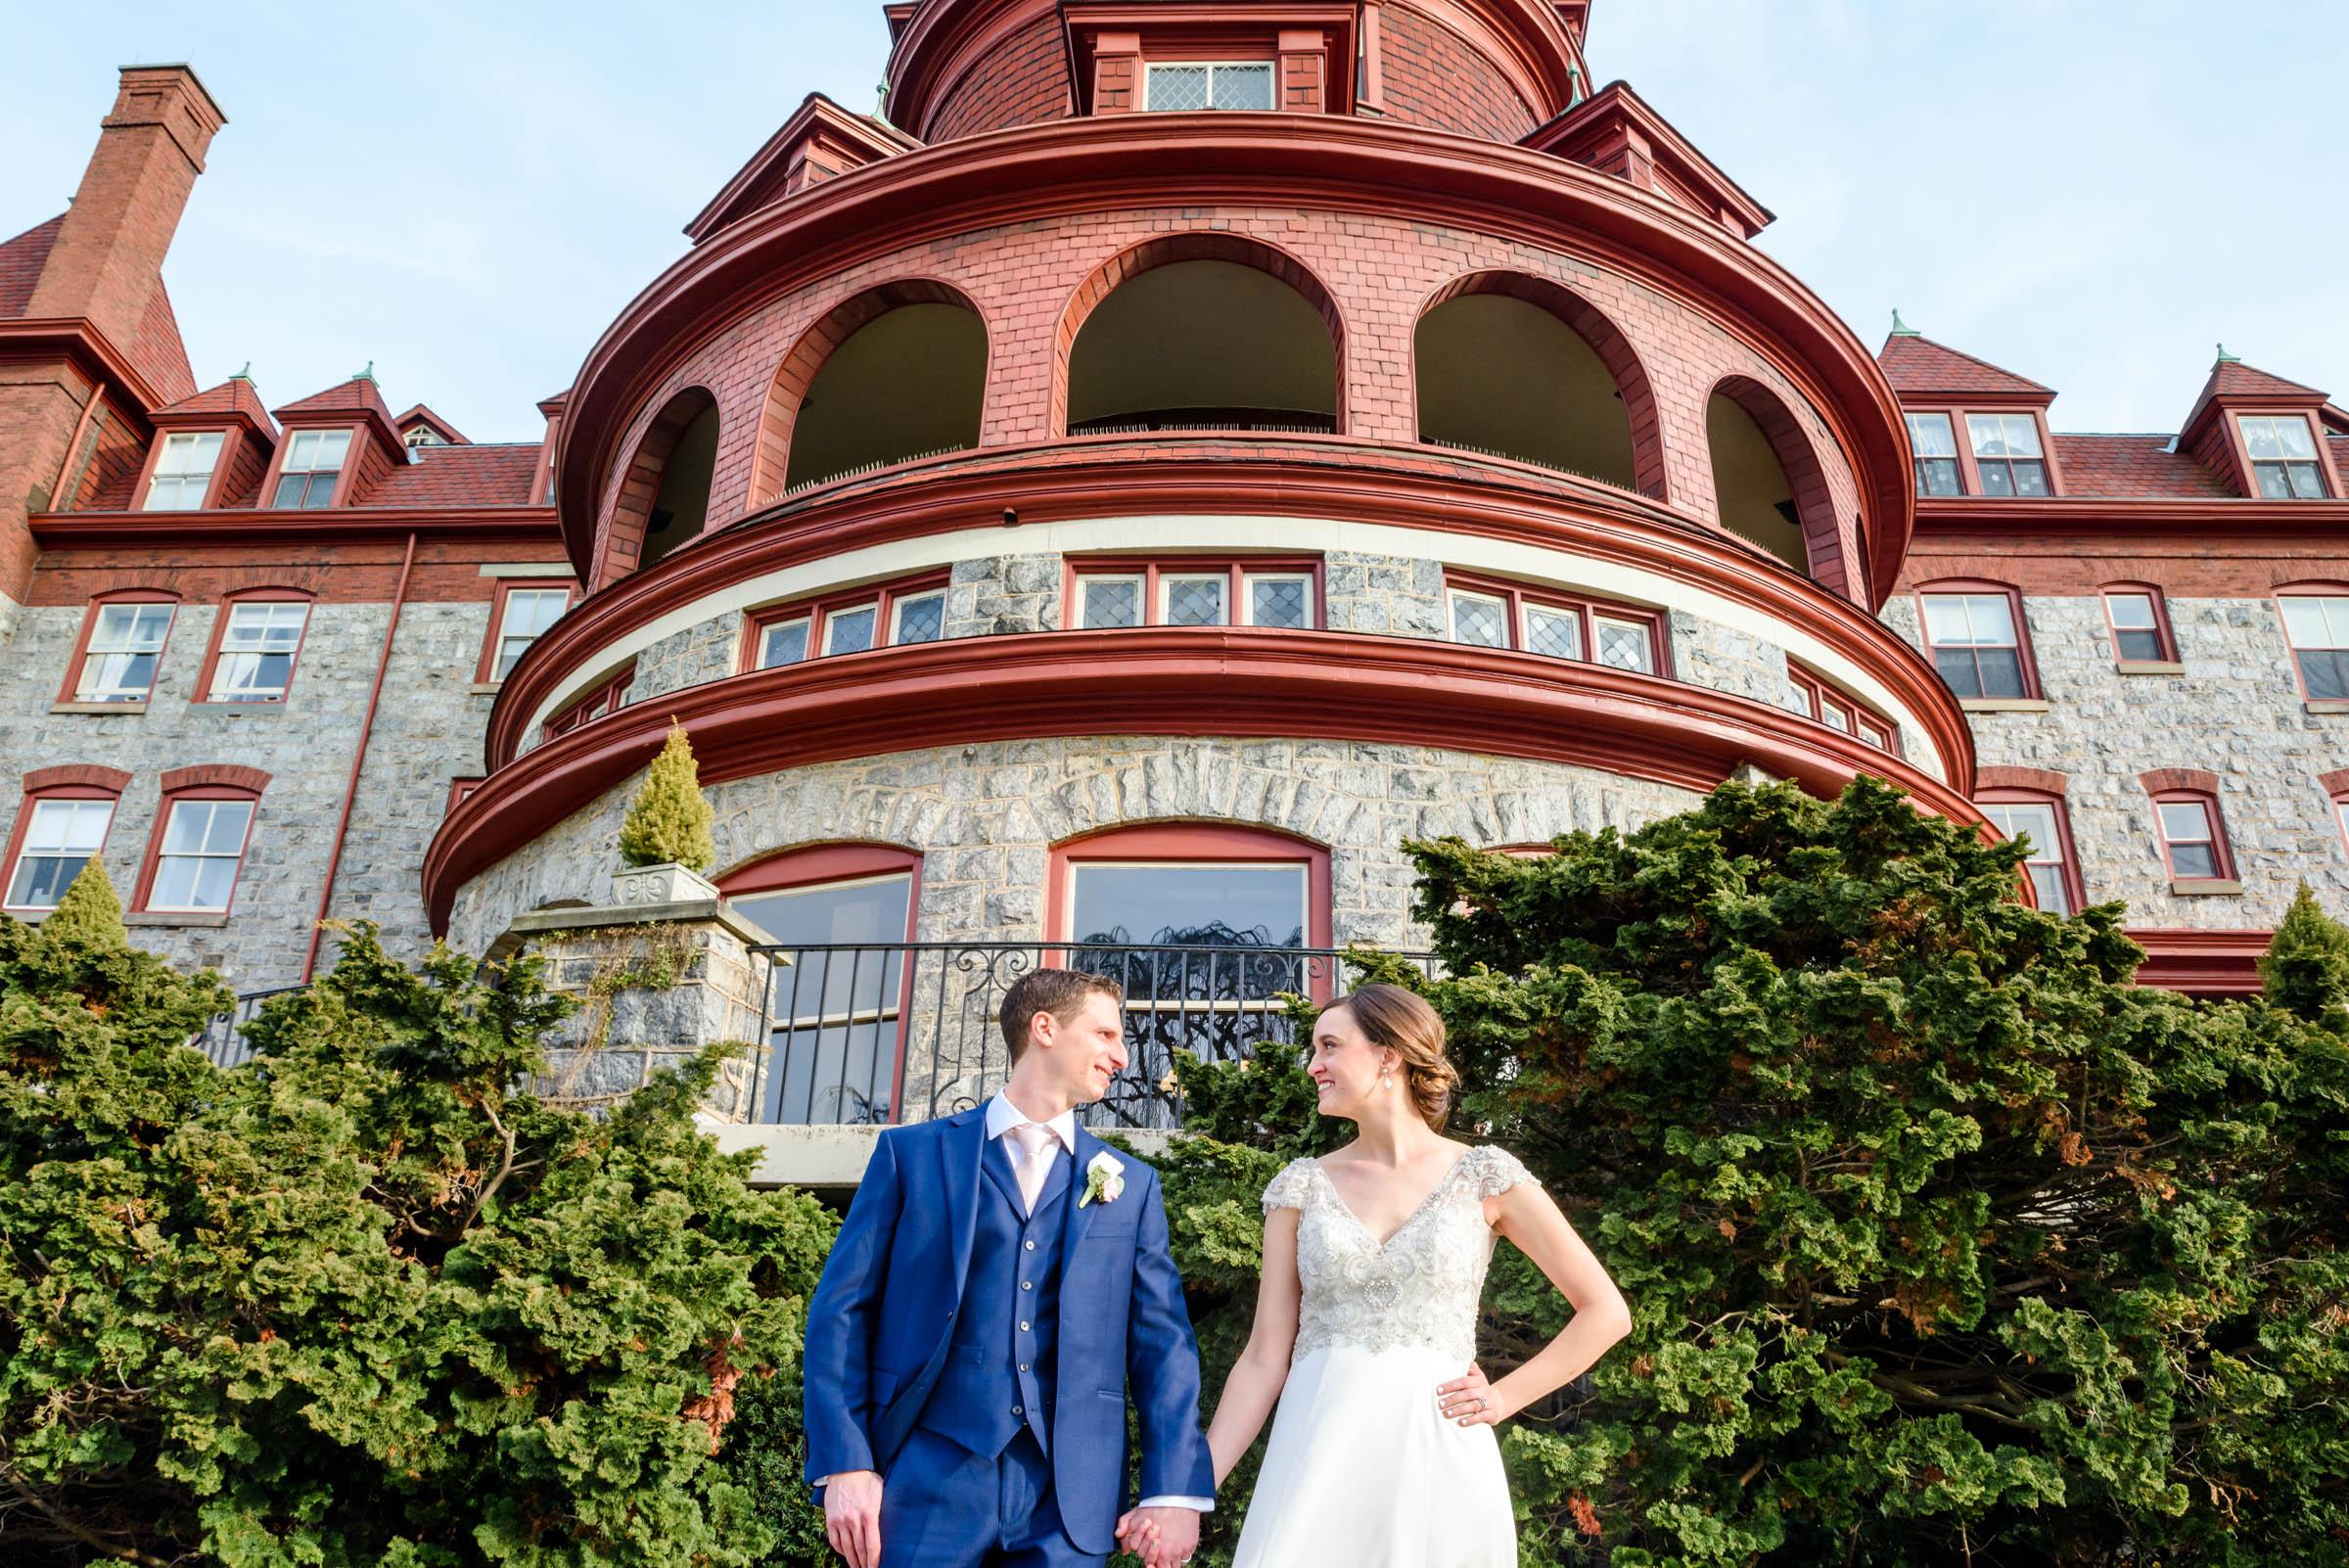 Bride and groom photos outside The Baldwin School wedding